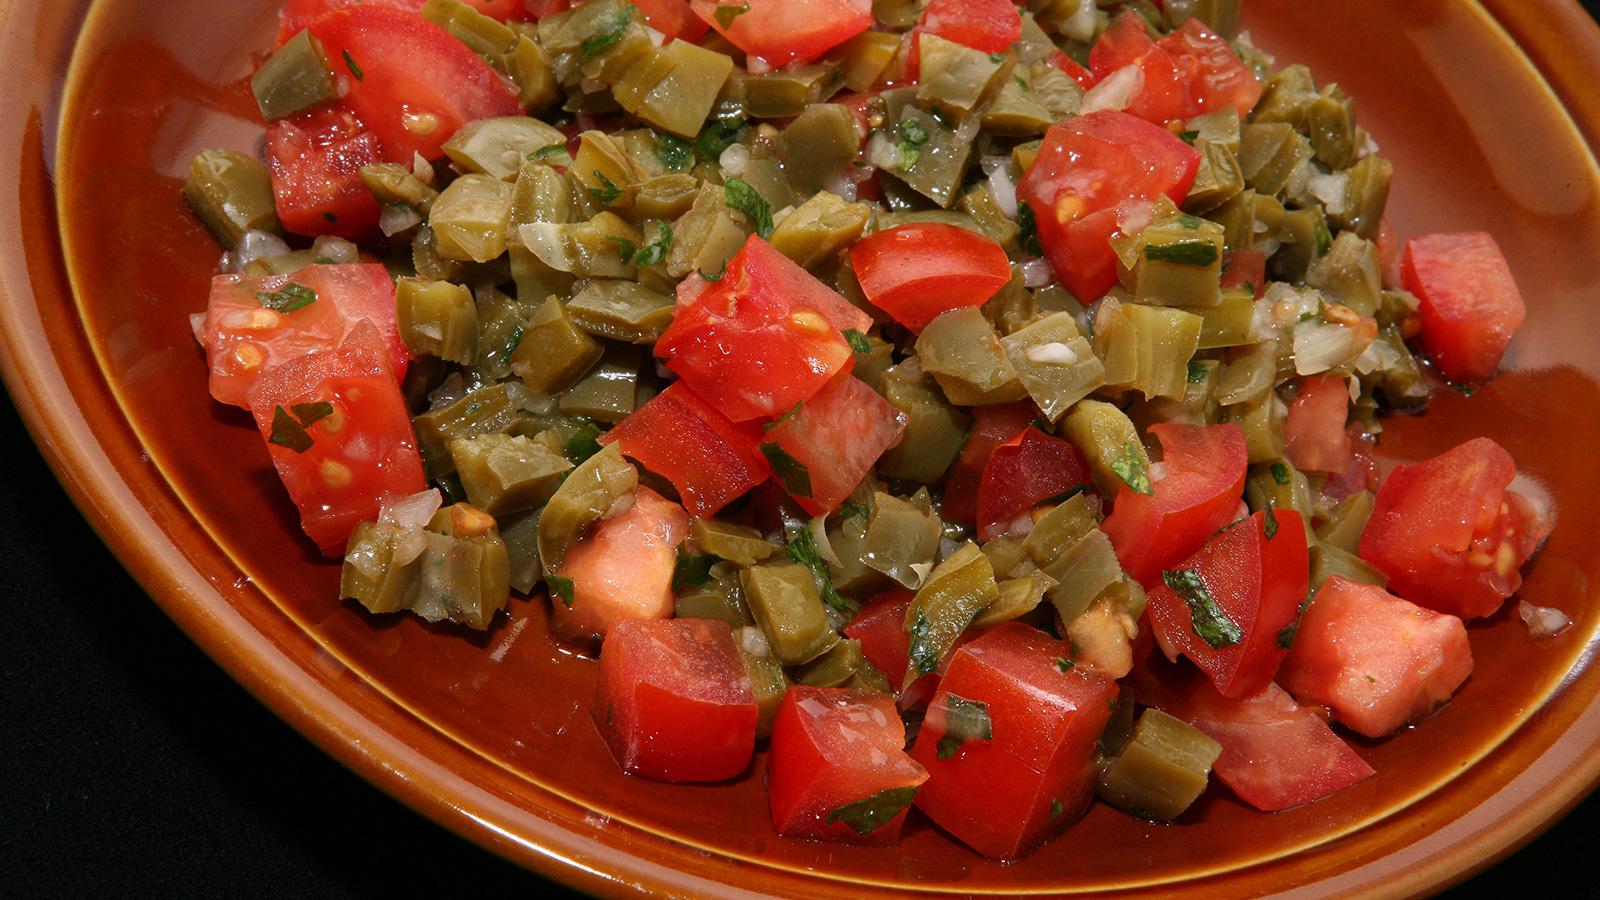 Ensalada de nopales fr a rita s nchez receta canal for Canal cocina mexicana